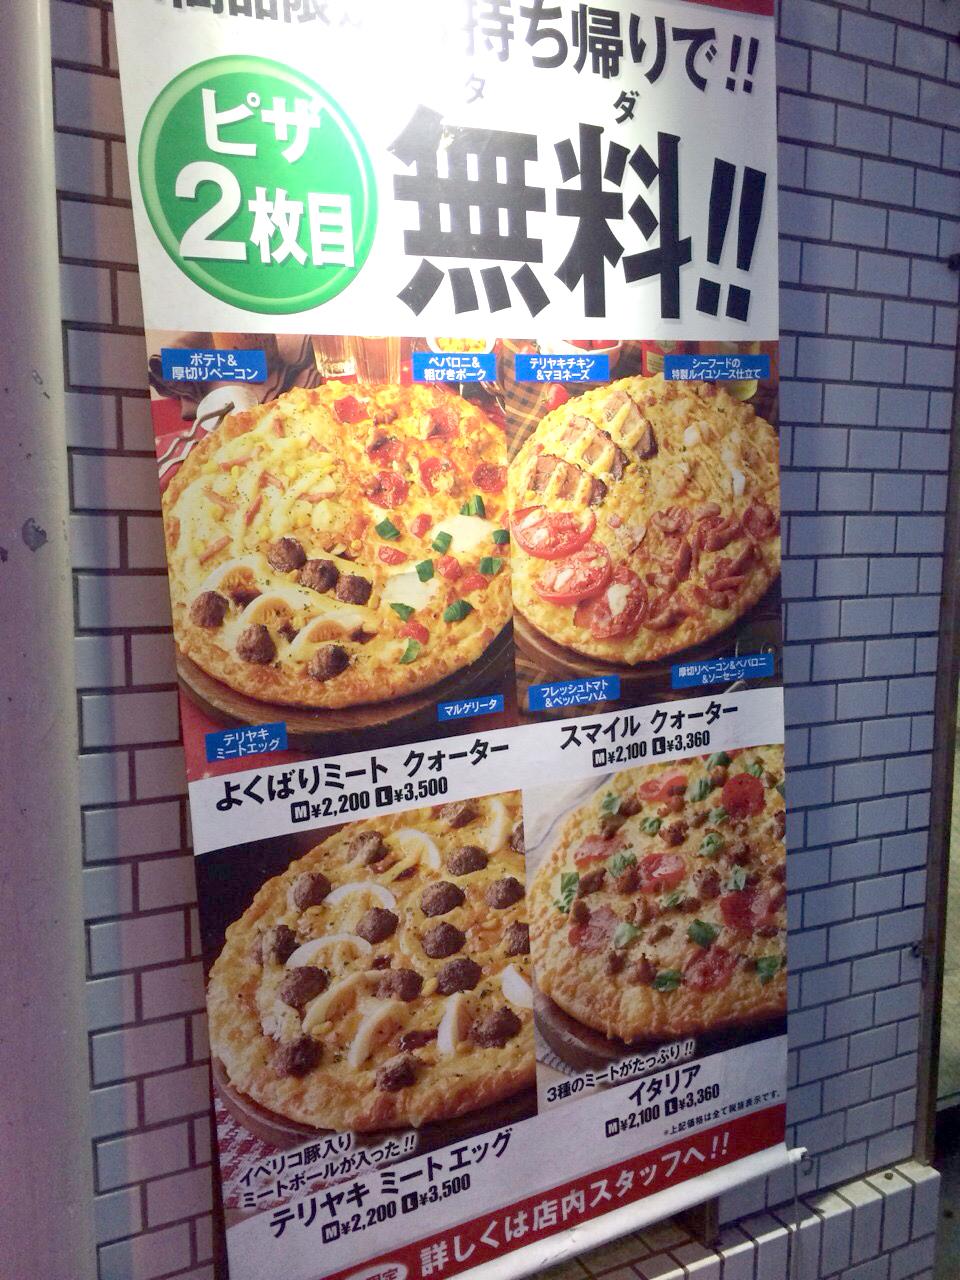 2枚で2354円は安いピザーラのクーポン使うより、ずっと安いドミノピザも持ち帰り半額とかやっているけど、ちょっと遠いんだよね・・・  因みに実家はドミノピザの方が